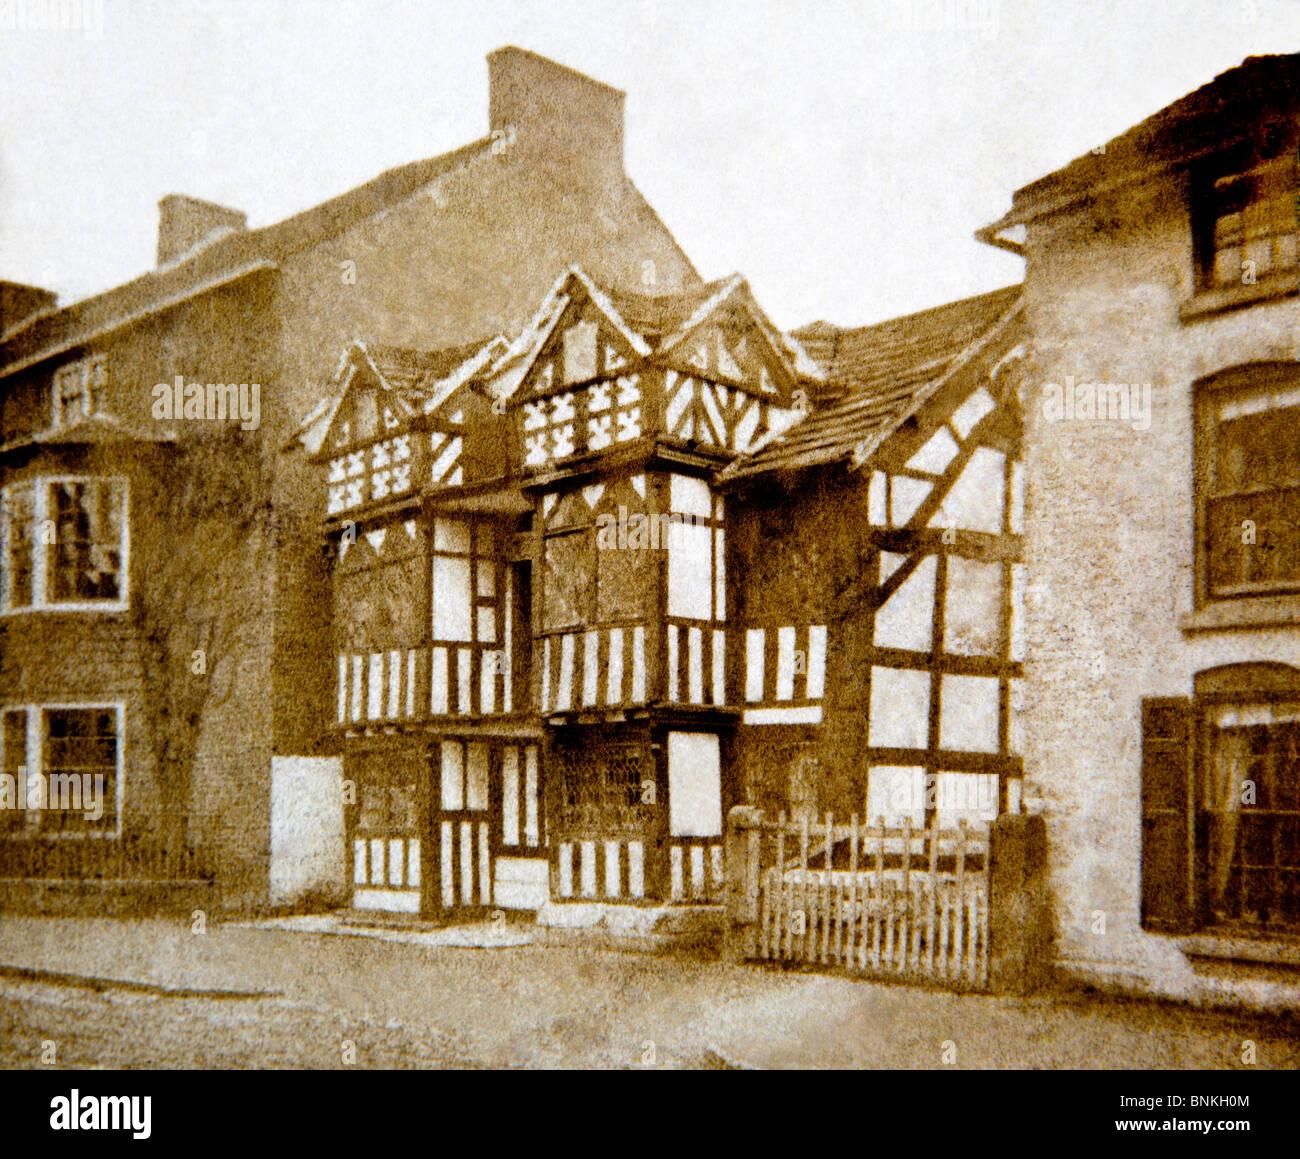 Royaume-uni, Angleterre, Cheshire, Prestbury, l'ancienne maison du Curé, 1860 photographie victorienne Banque D'Images